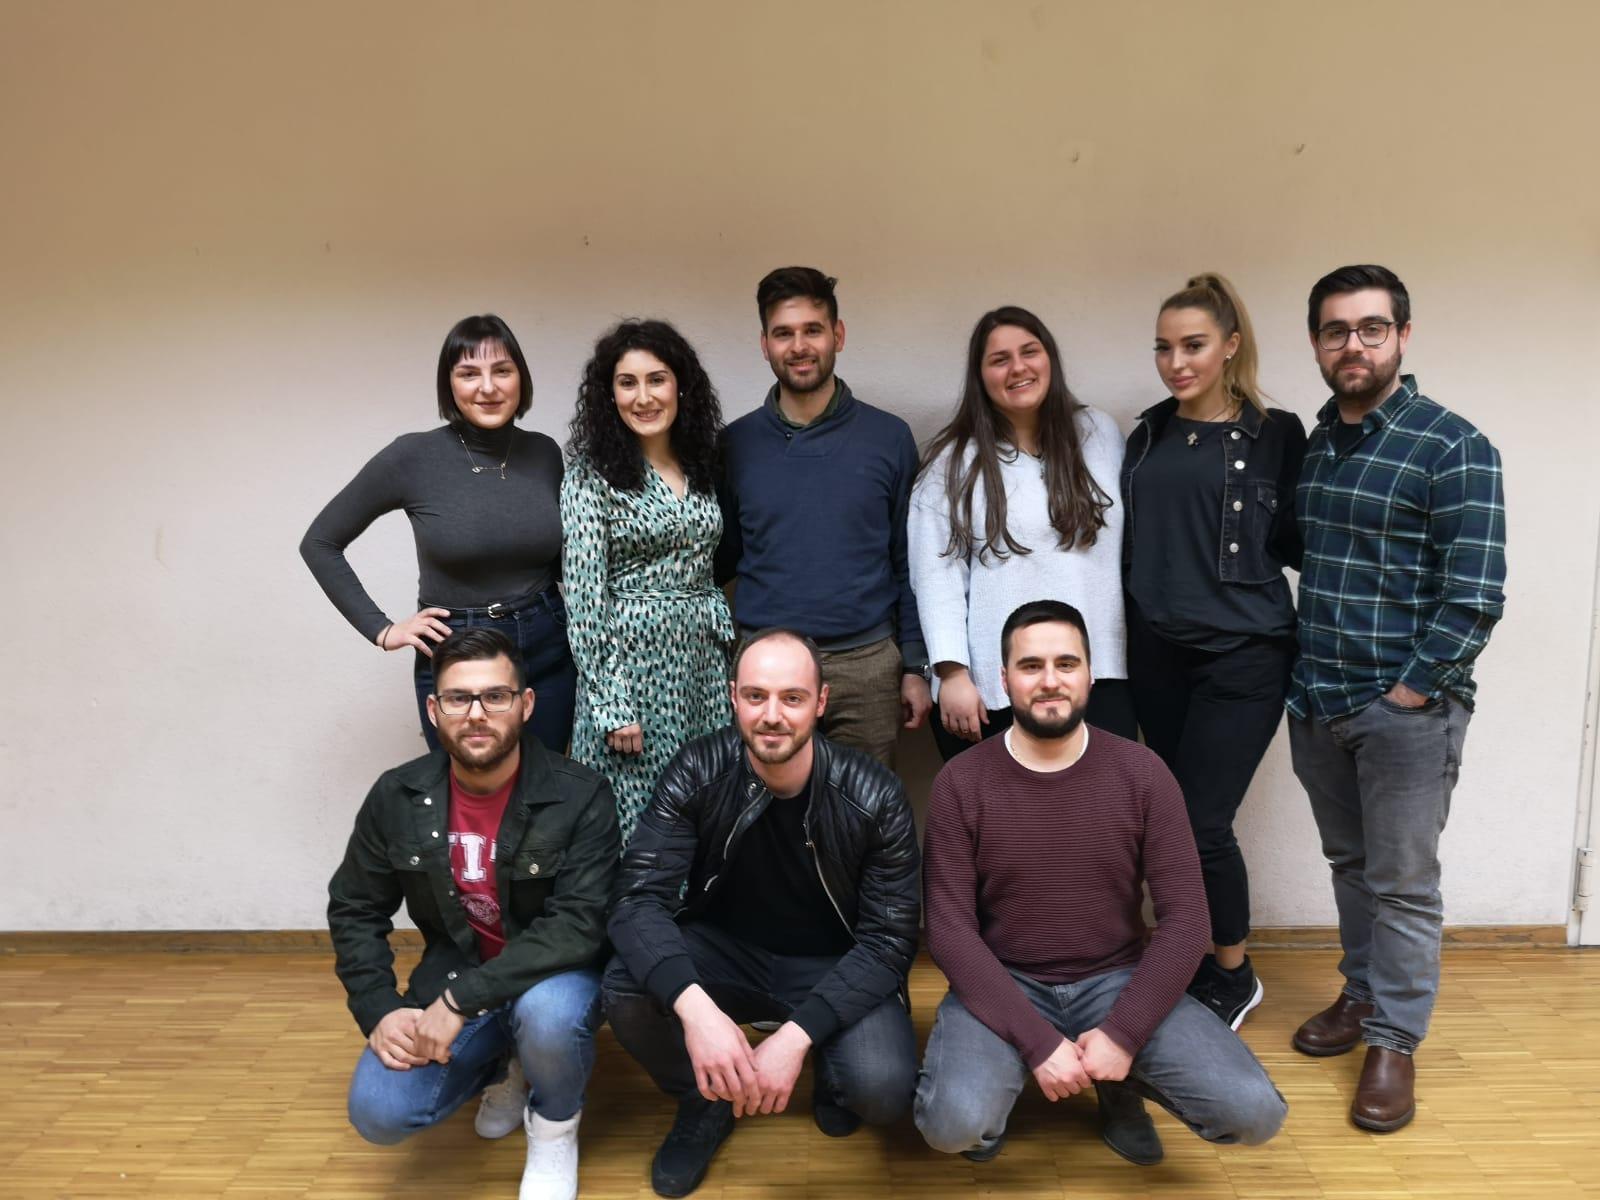 ΔΤ: Εκλέχθηκε νέα συντονιστική επιτροπή νεολαίας στην ΟΣΕΠΕ